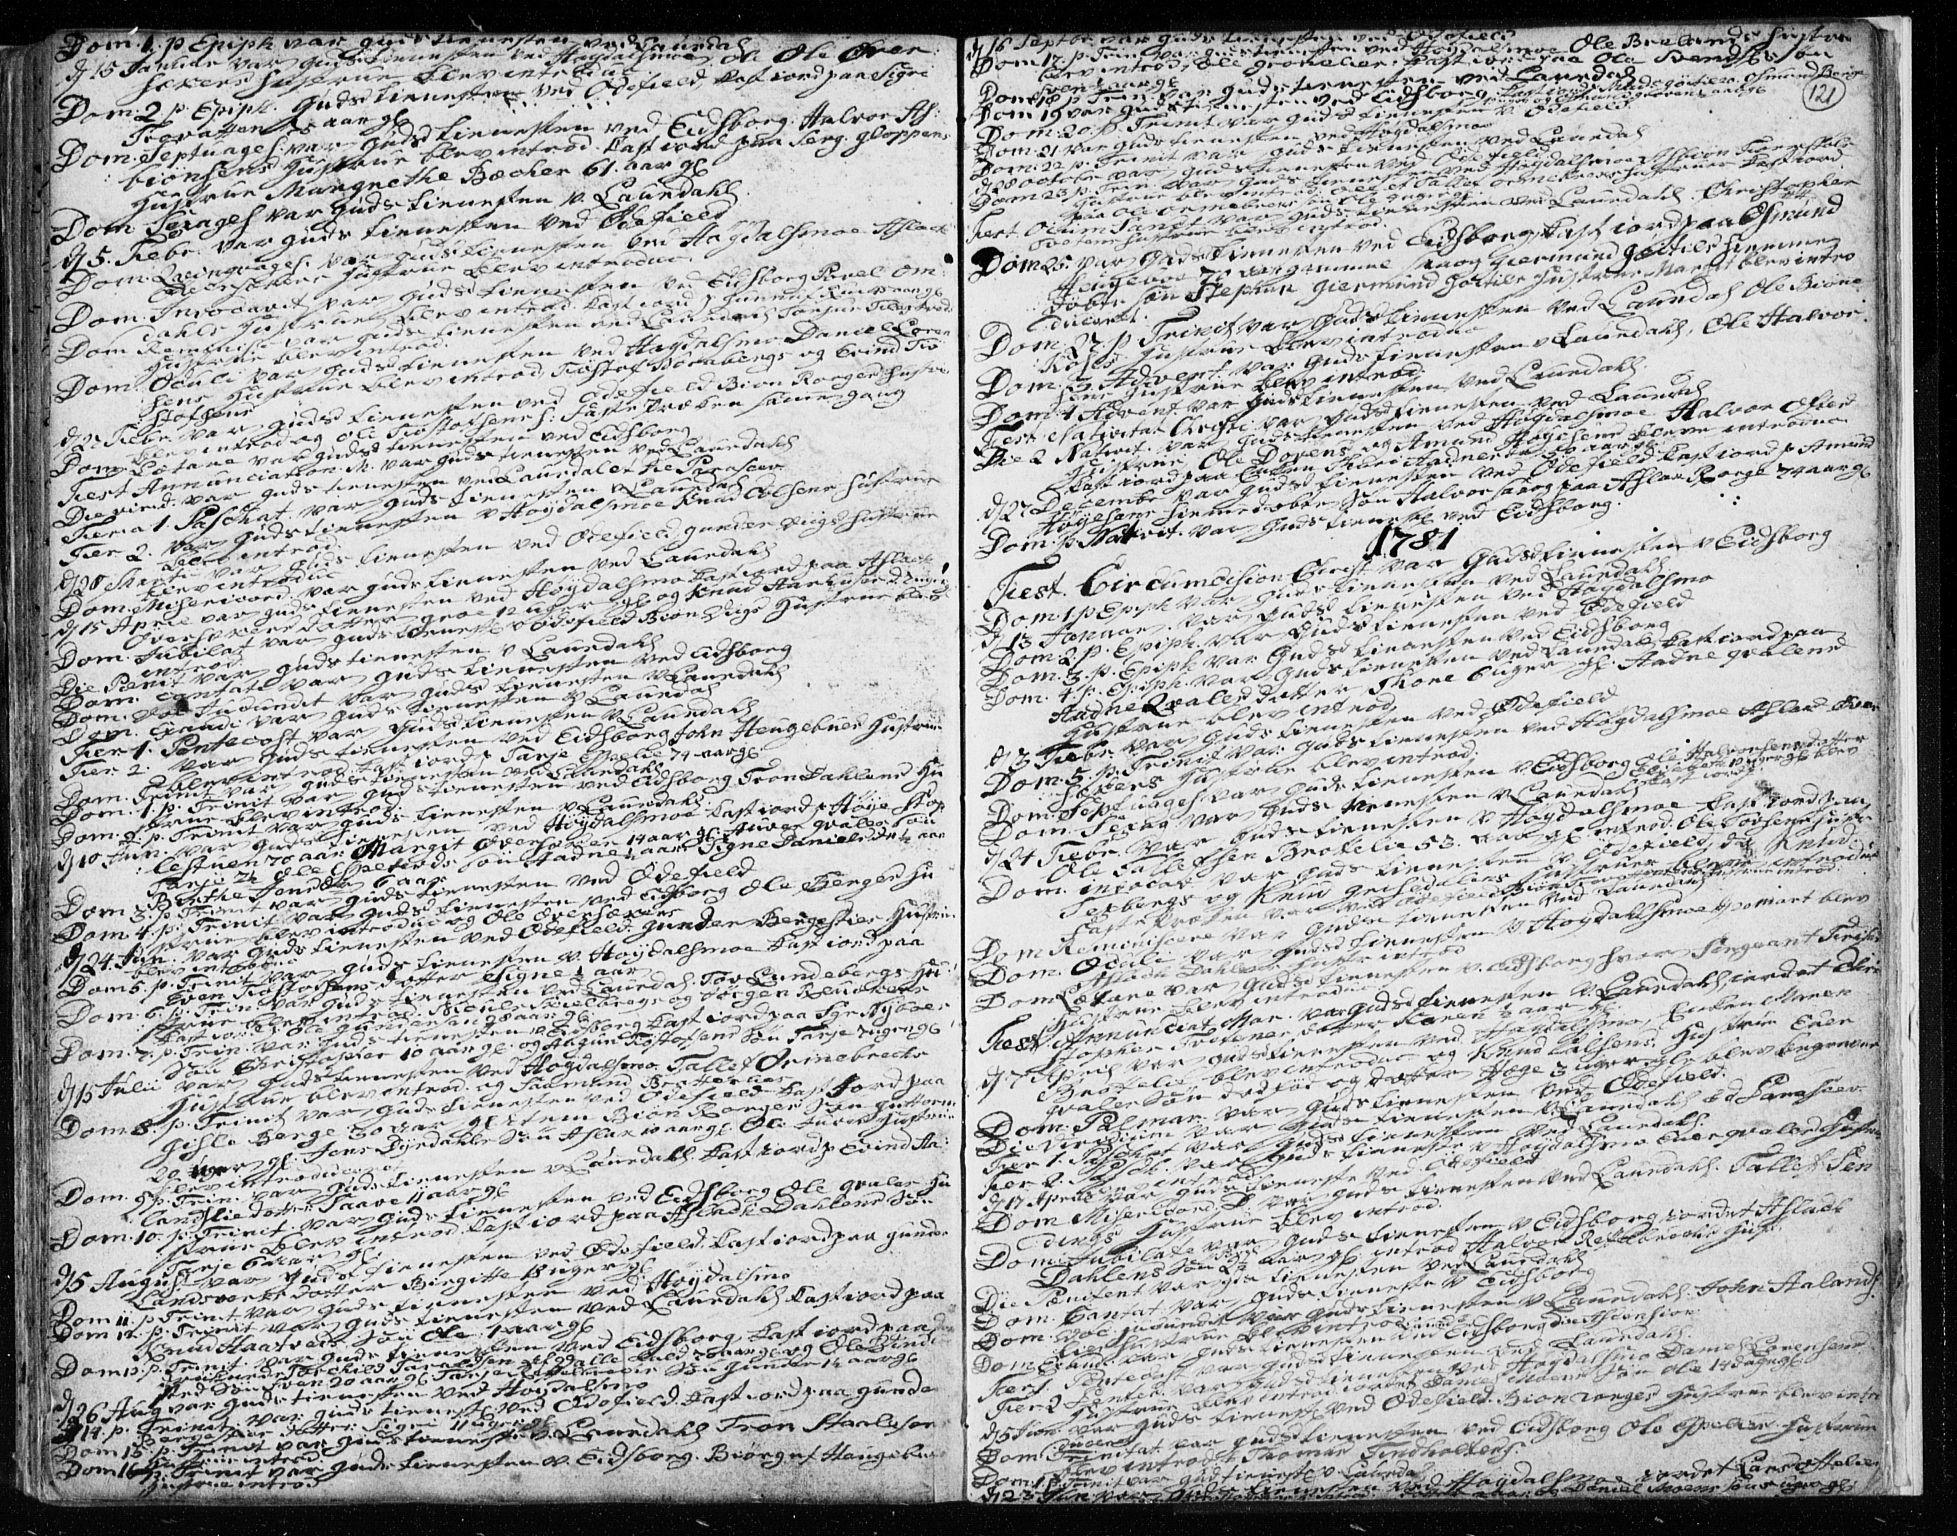 SAKO, Lårdal kirkebøker, F/Fa/L0003: Ministerialbok nr. I 3, 1754-1790, s. 121